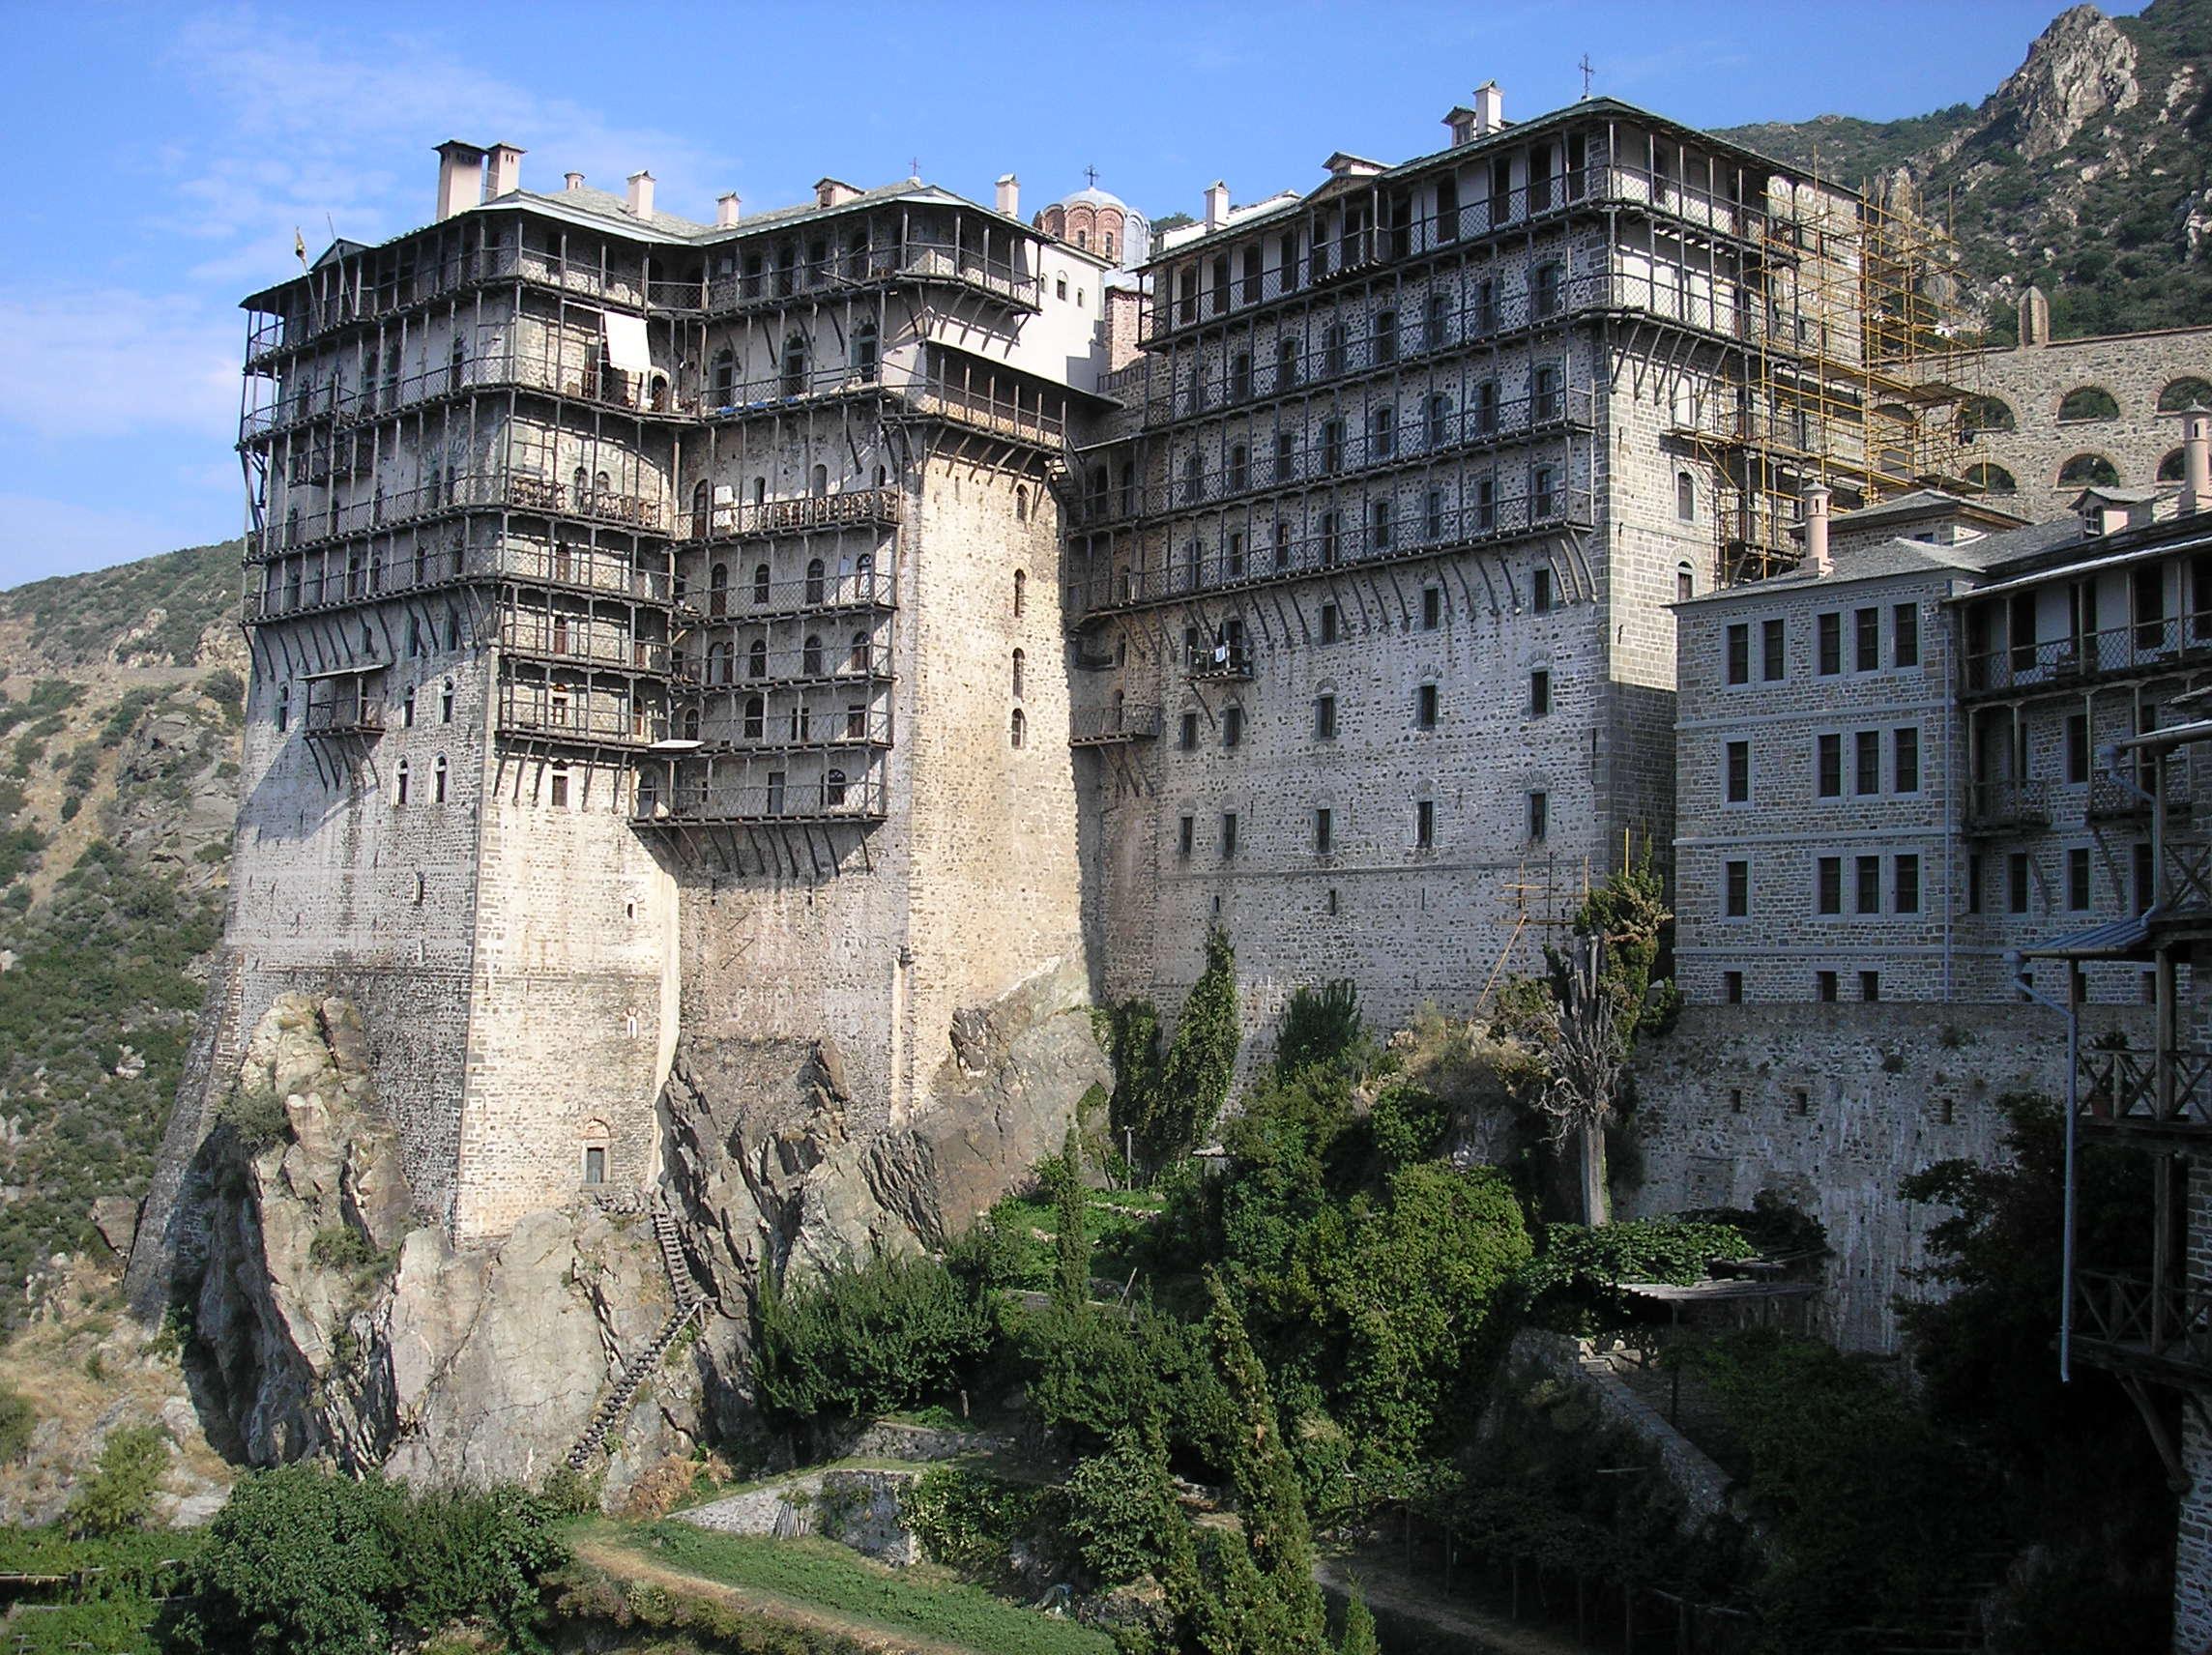 Monasterio de Simonopetra